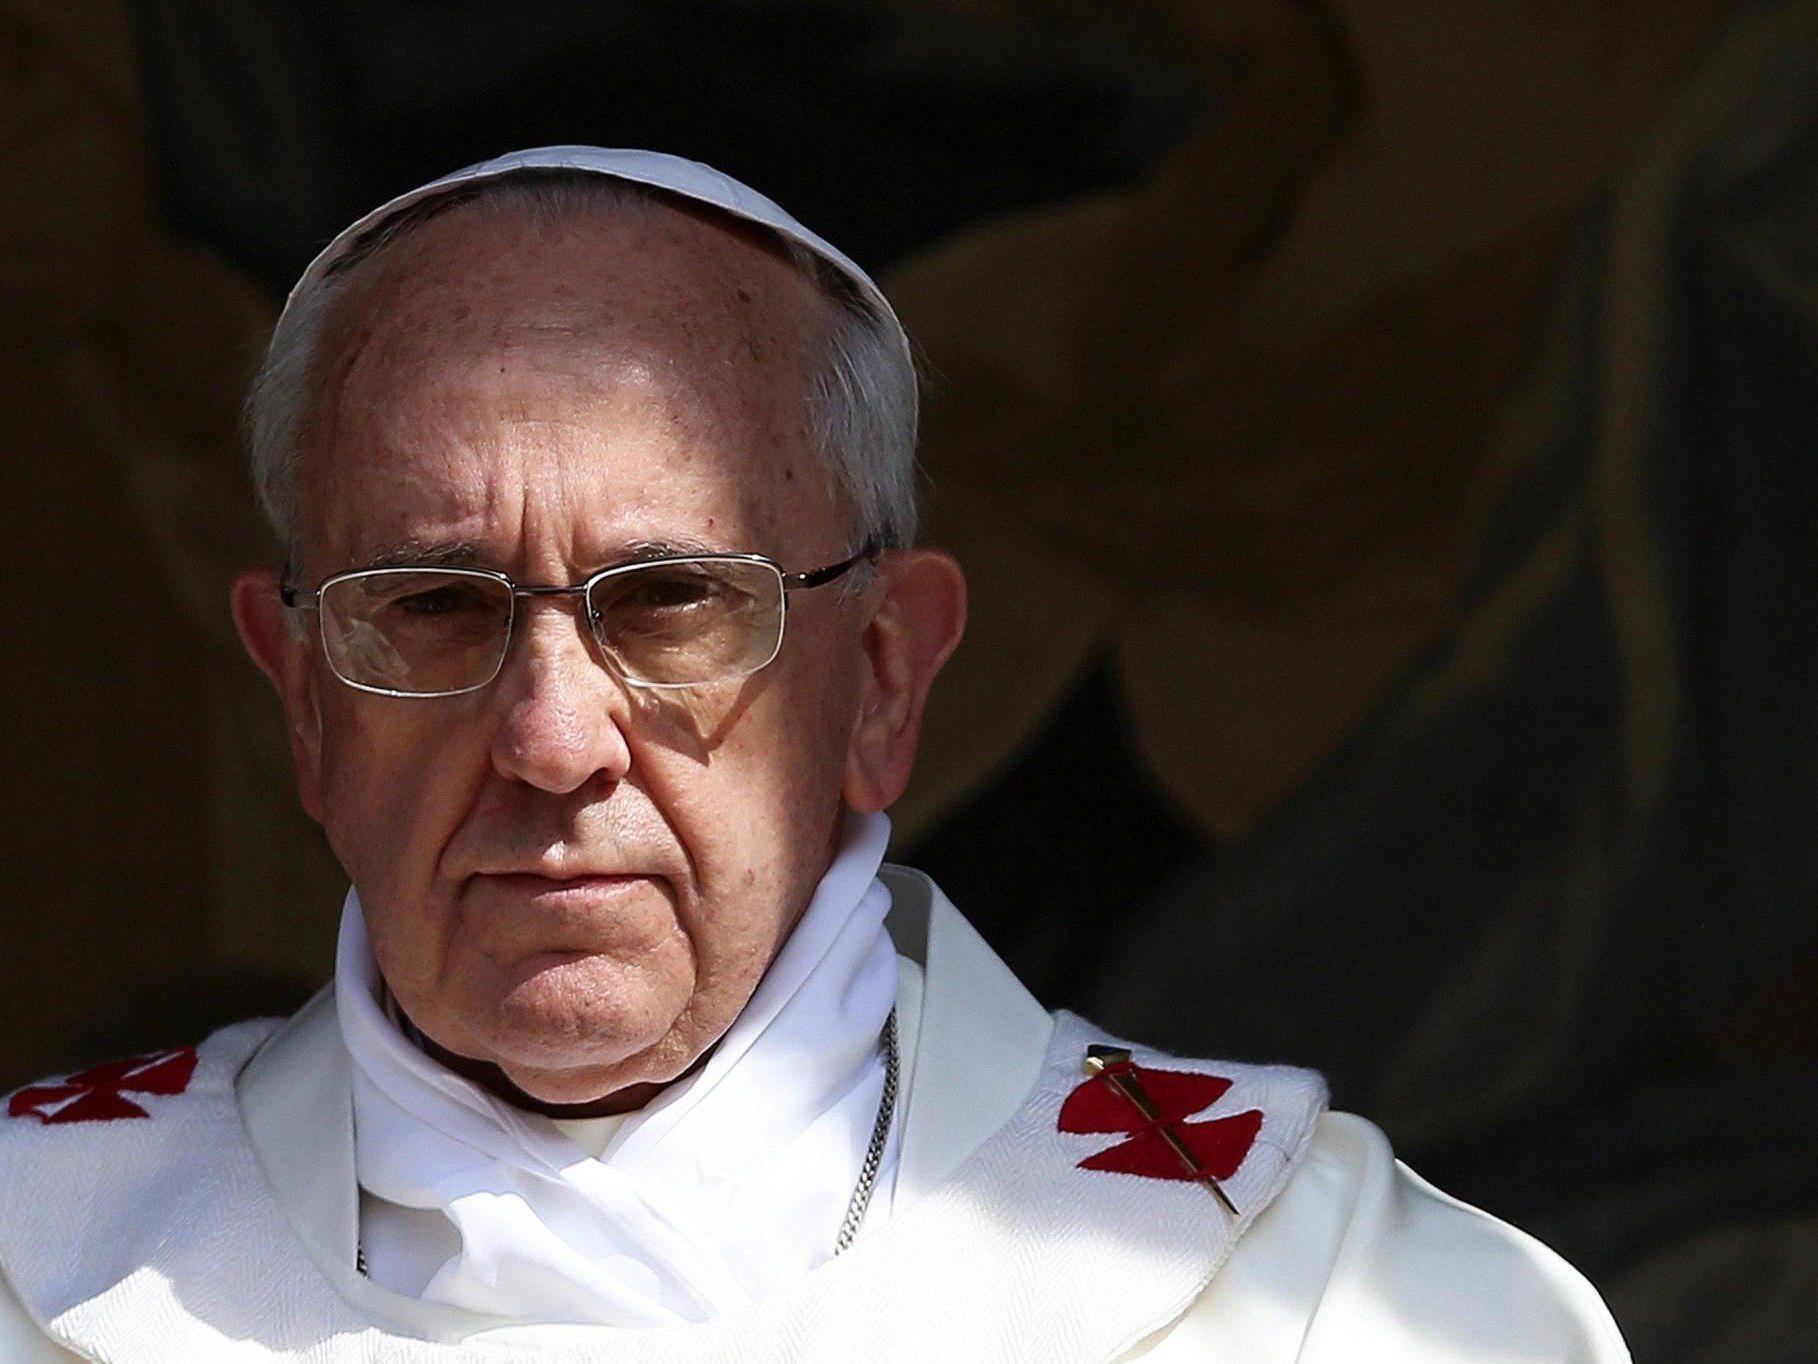 Papst Franziskus warnt vor einem militärischen Eingreifen in den syrischen Bürgerkrieg.